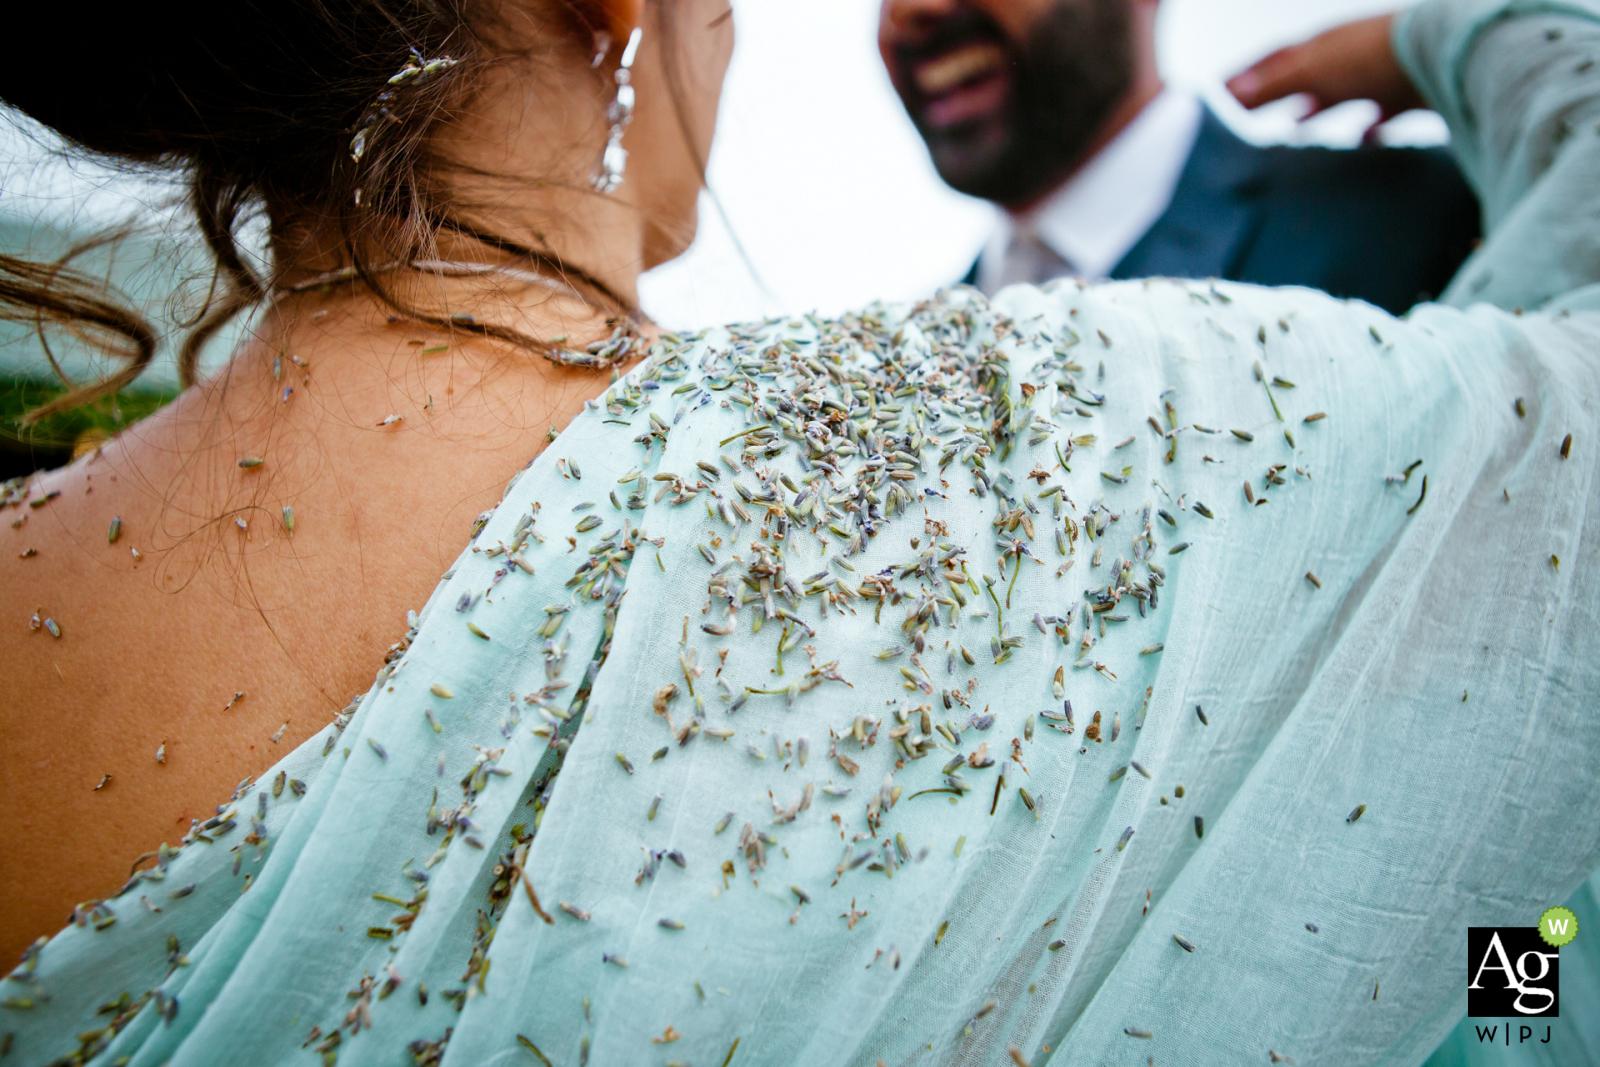 Auvergne-Rhône-Alpes wedding photography - drome- lavender detail picture and the bride